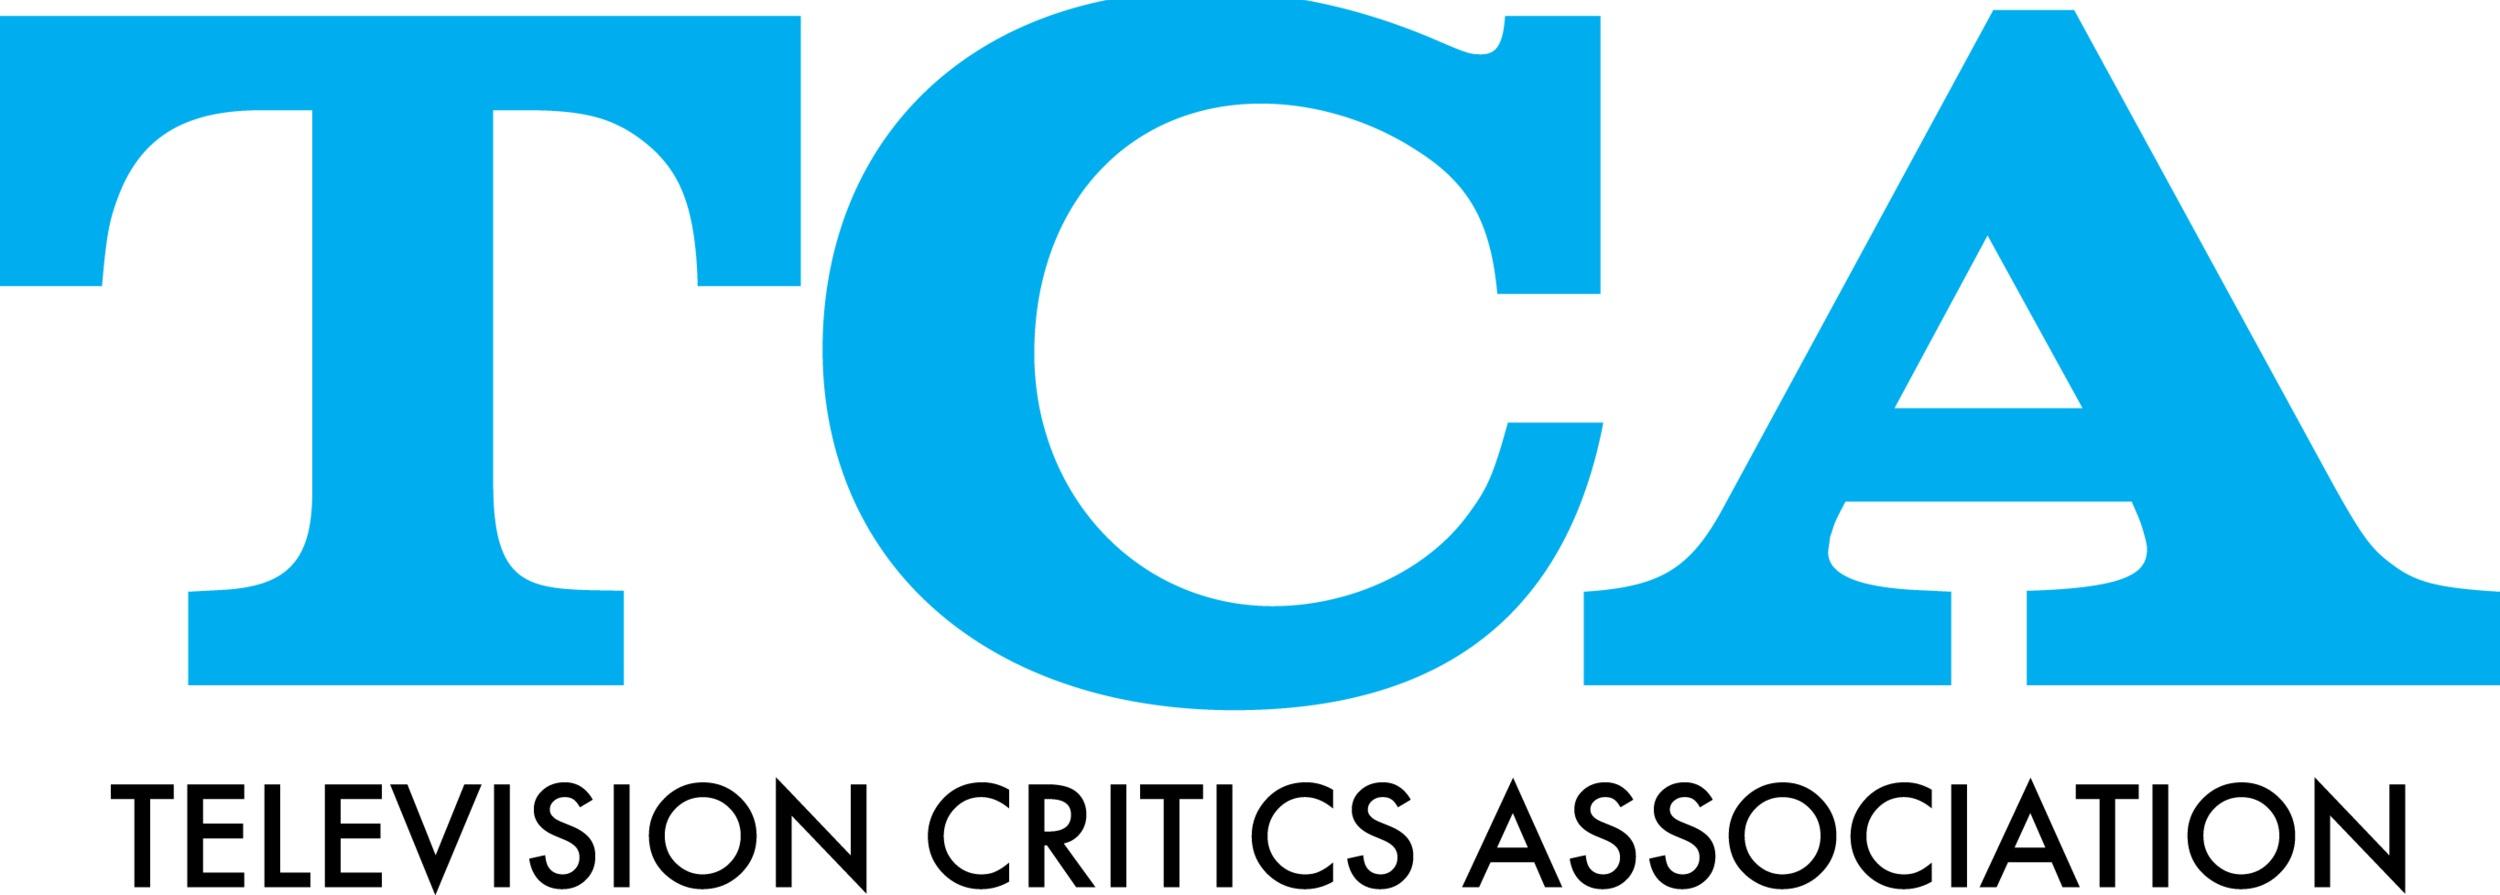 TCA_Logo_FINAL.jpg